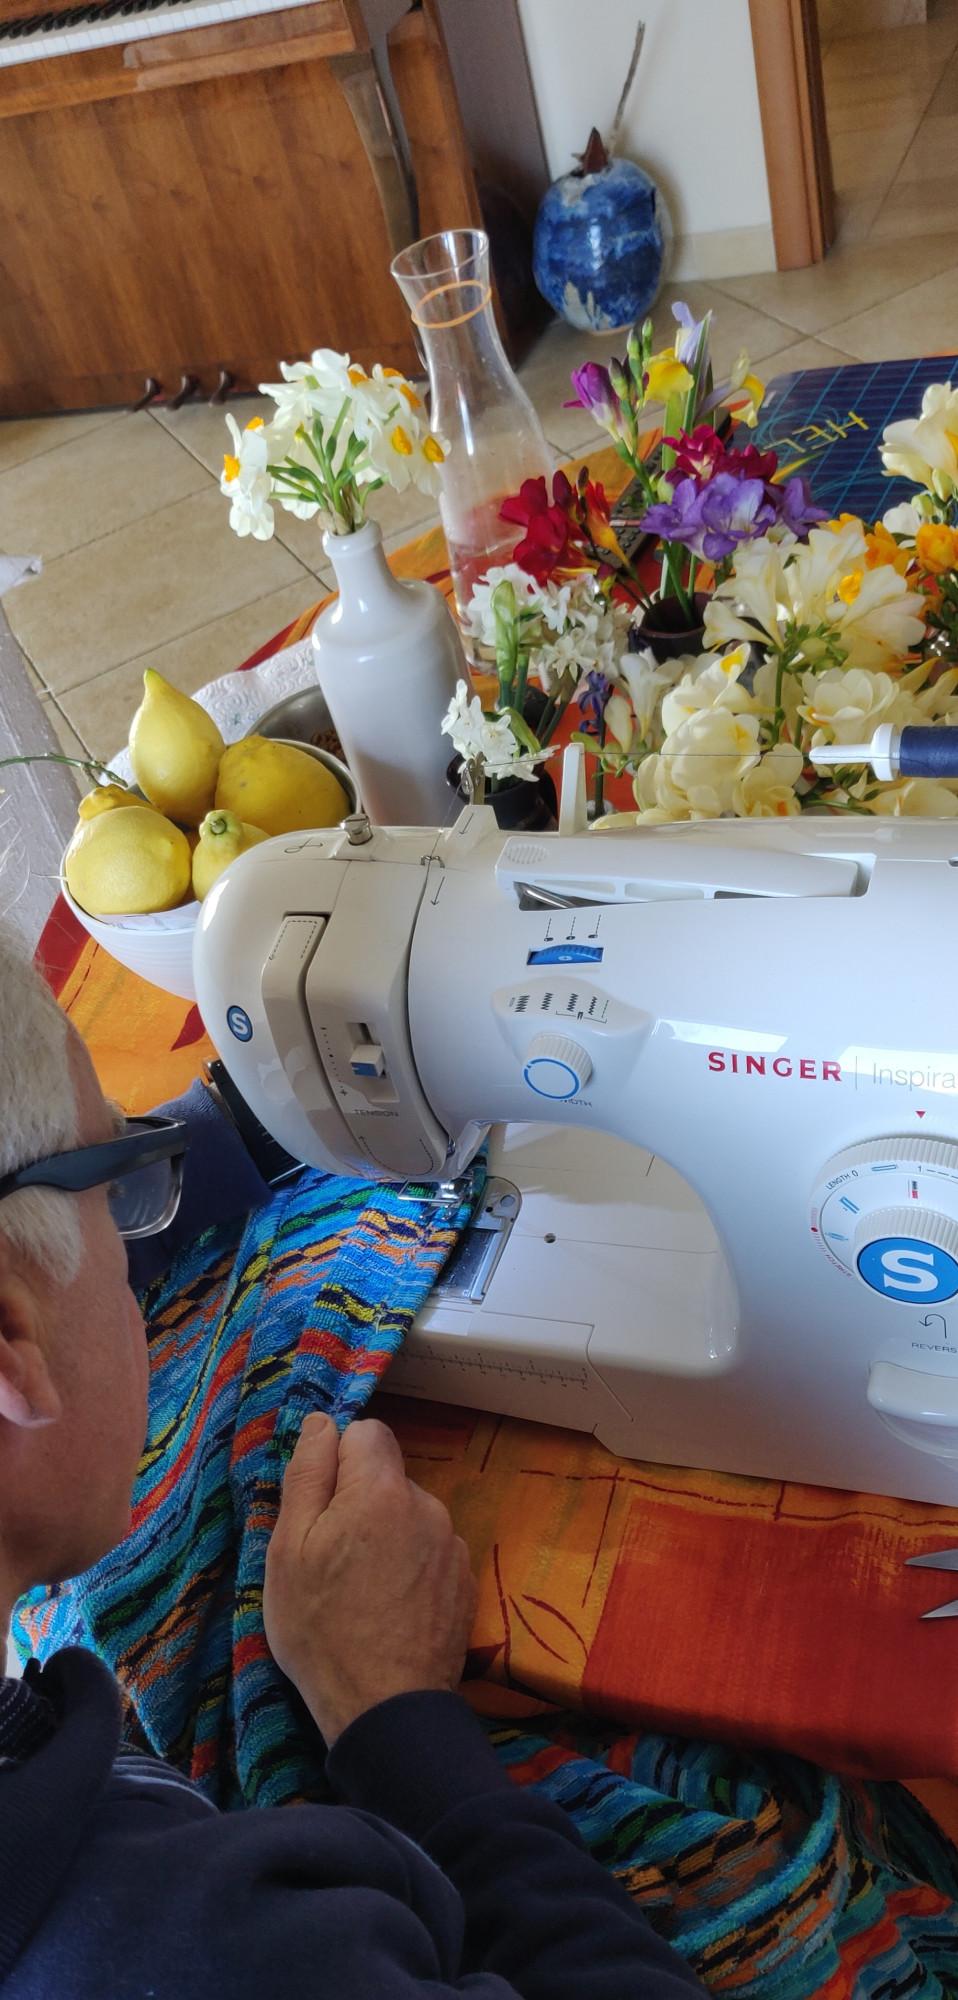 """Сегодня вытащили швейную машинку. Руками шить умею, а вот на машинке у нас есть """"кот Матроскин"""". Кратко не получается. У меня есть любимый халат Миссони, на какие-то бонусы купленный. Я его обожаю. Для меня он необходимый предмет утреннего счастья: закутаться в него и пить утренний кофе. Временами я нервно проверяю: не протерся ли он на заднице?У Саши тоже есть халат, но он к нему относится, как и полагается относиться к удобной вещи, которую можно накинуть после душа."""